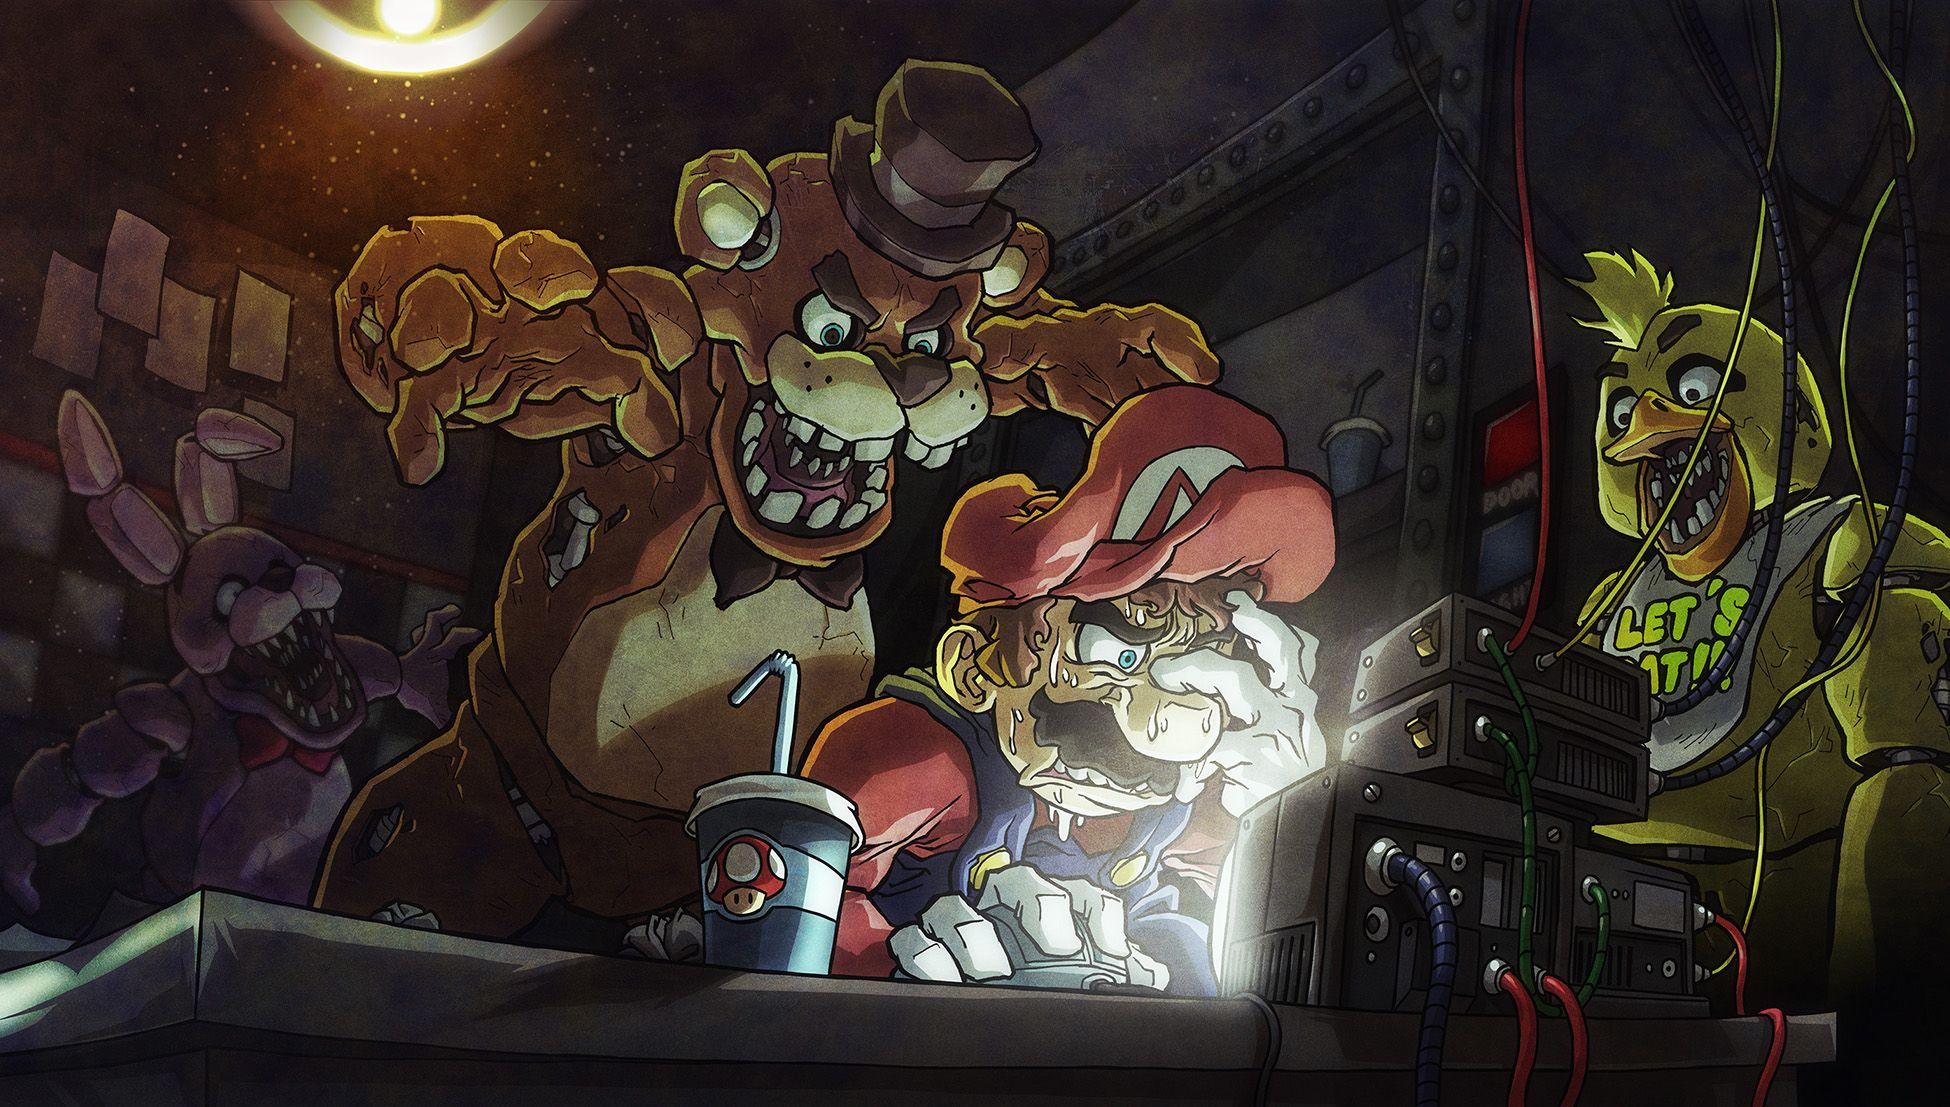 Mario vs. FNAF